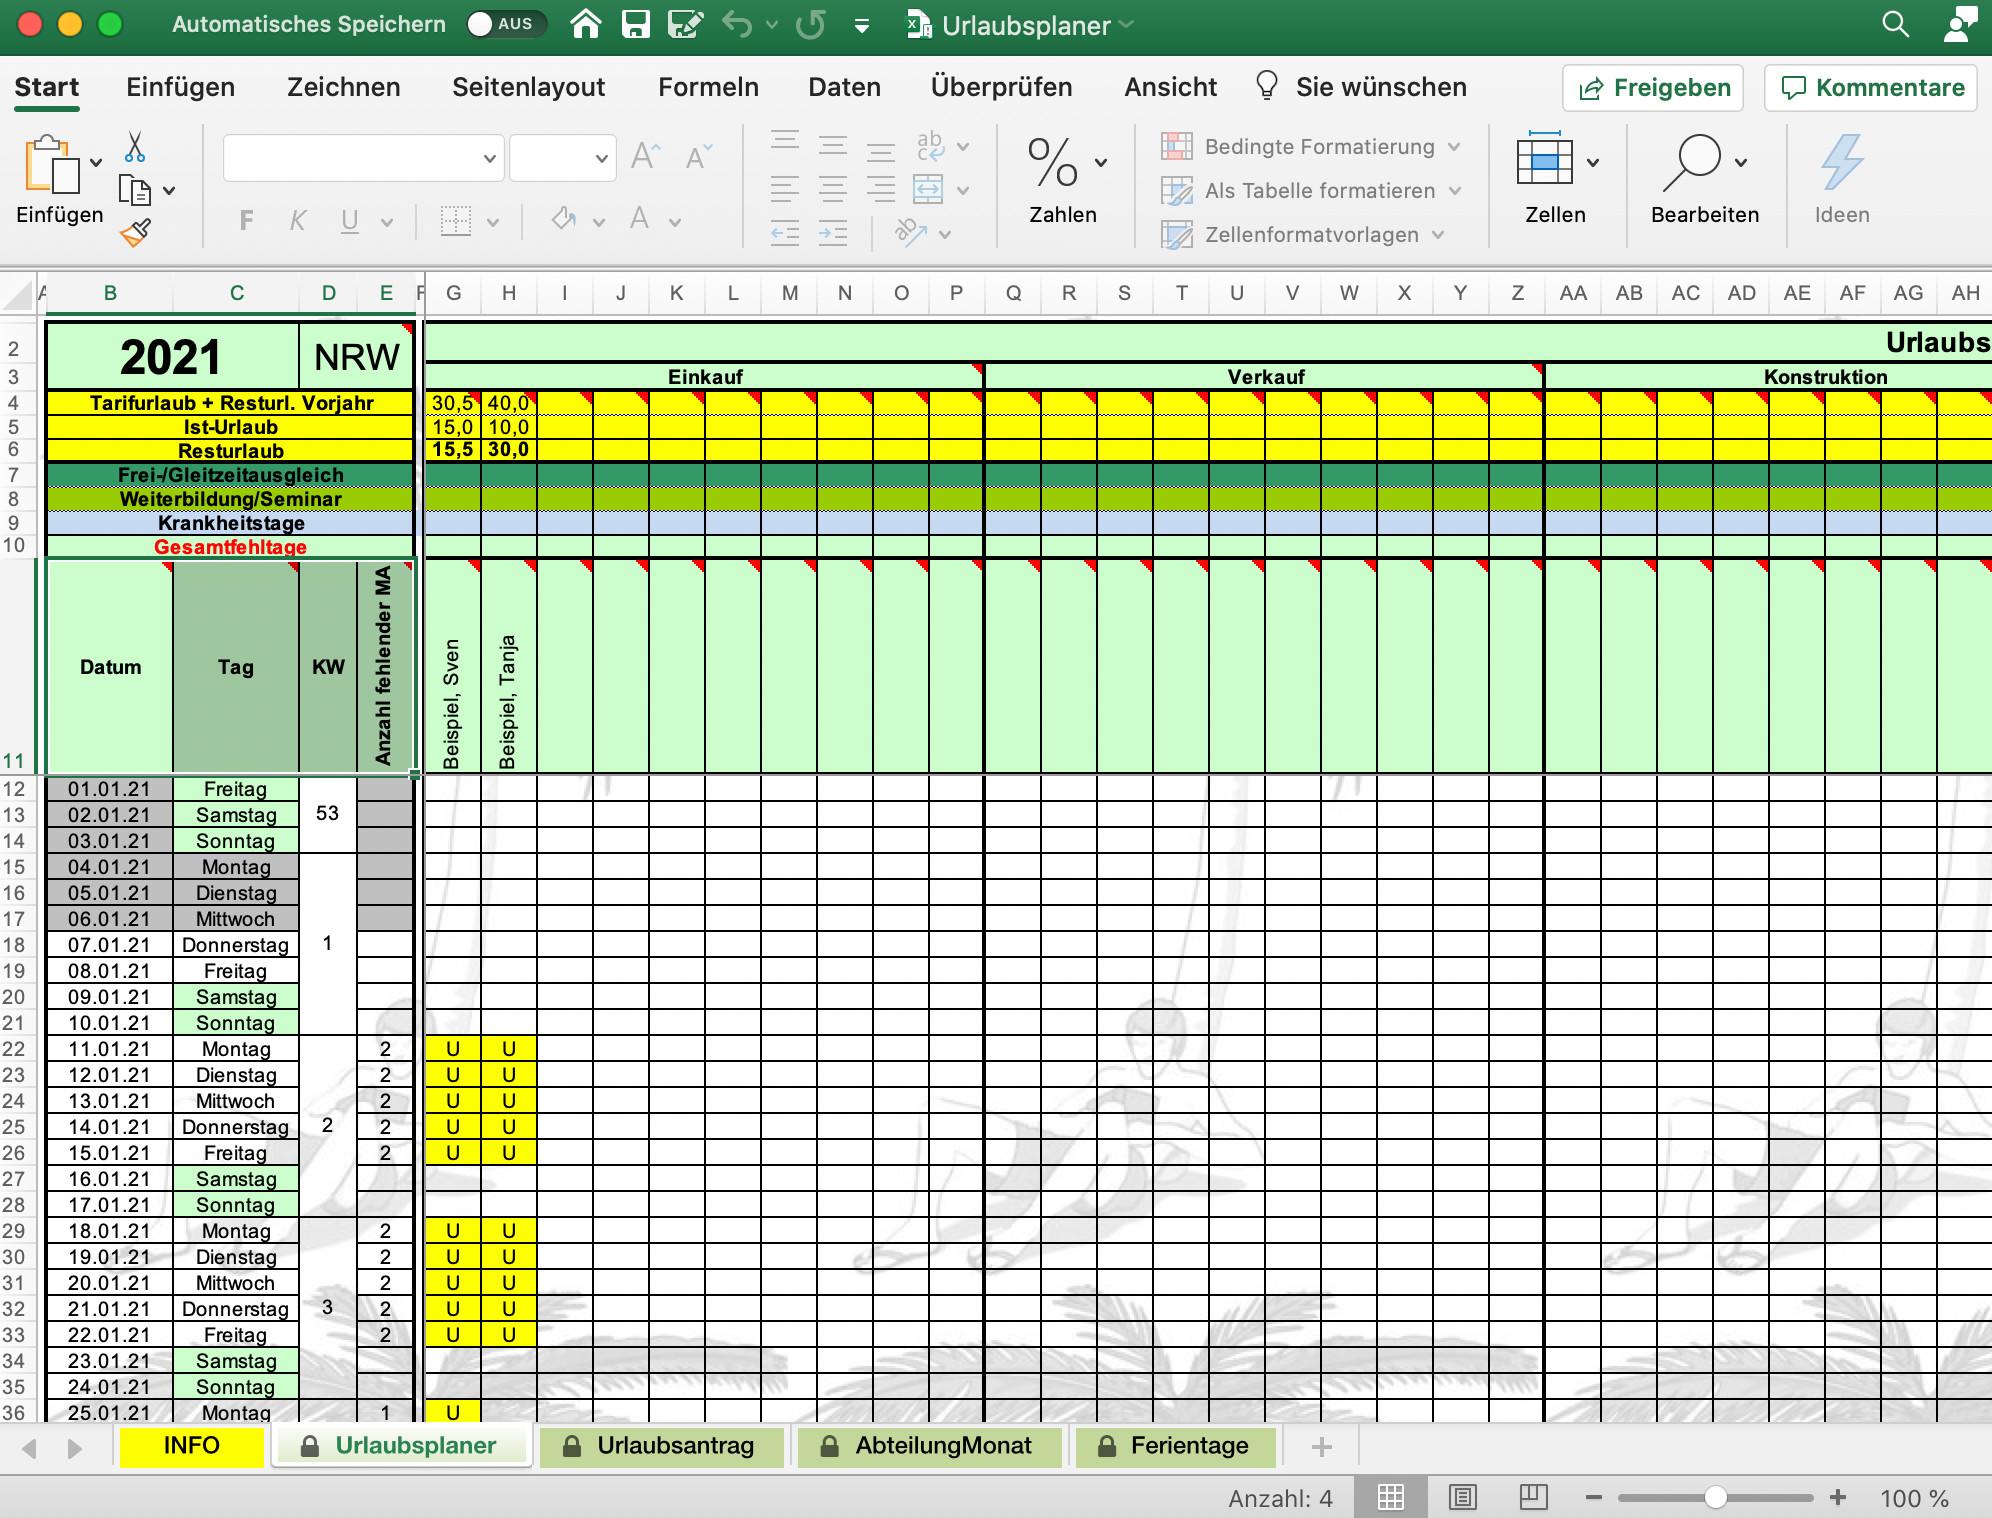 Screenshot 1 - Urlaubsplaner (Excel-Vorlage)